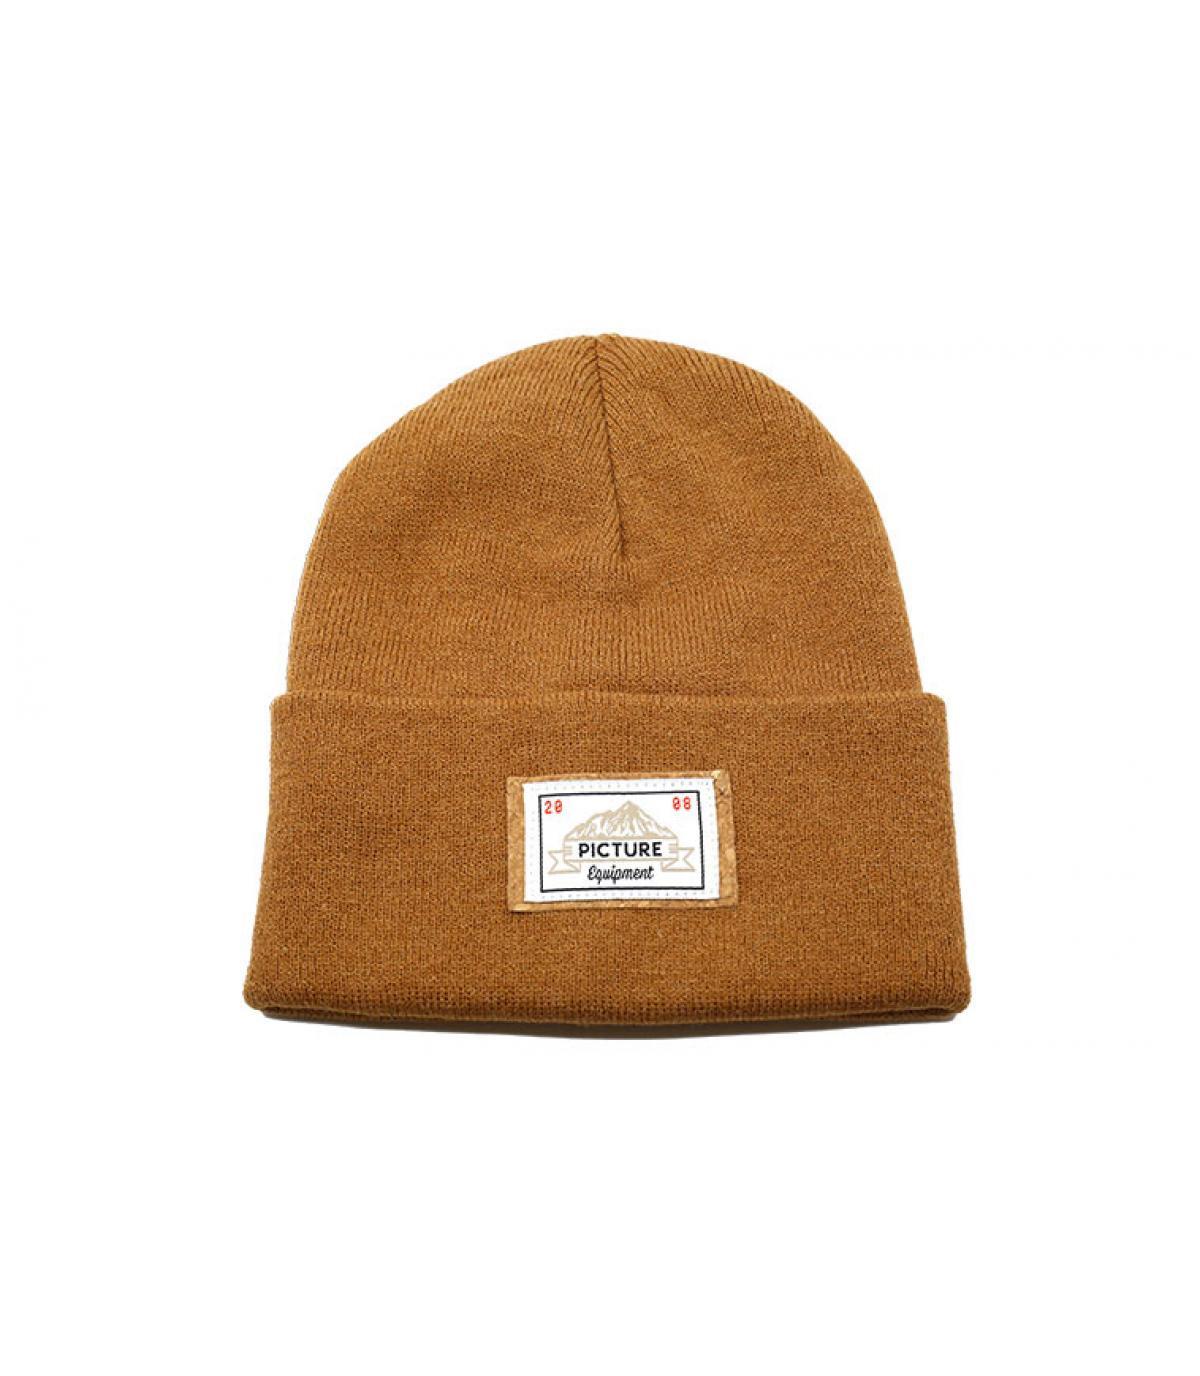 bonnet revers beige Picture